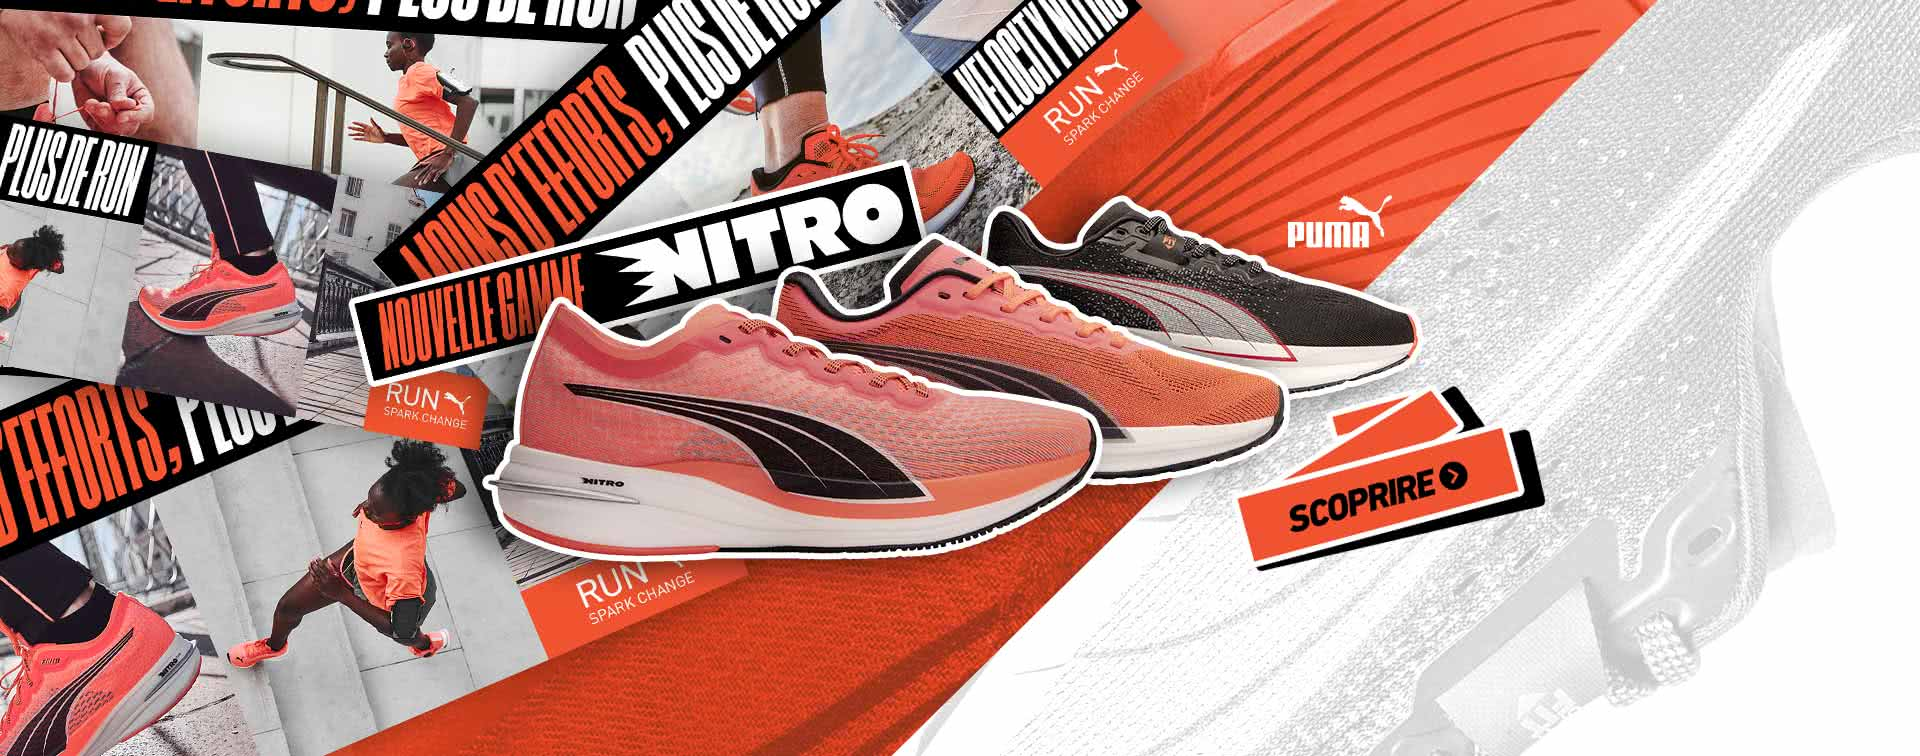 Puma Nitro